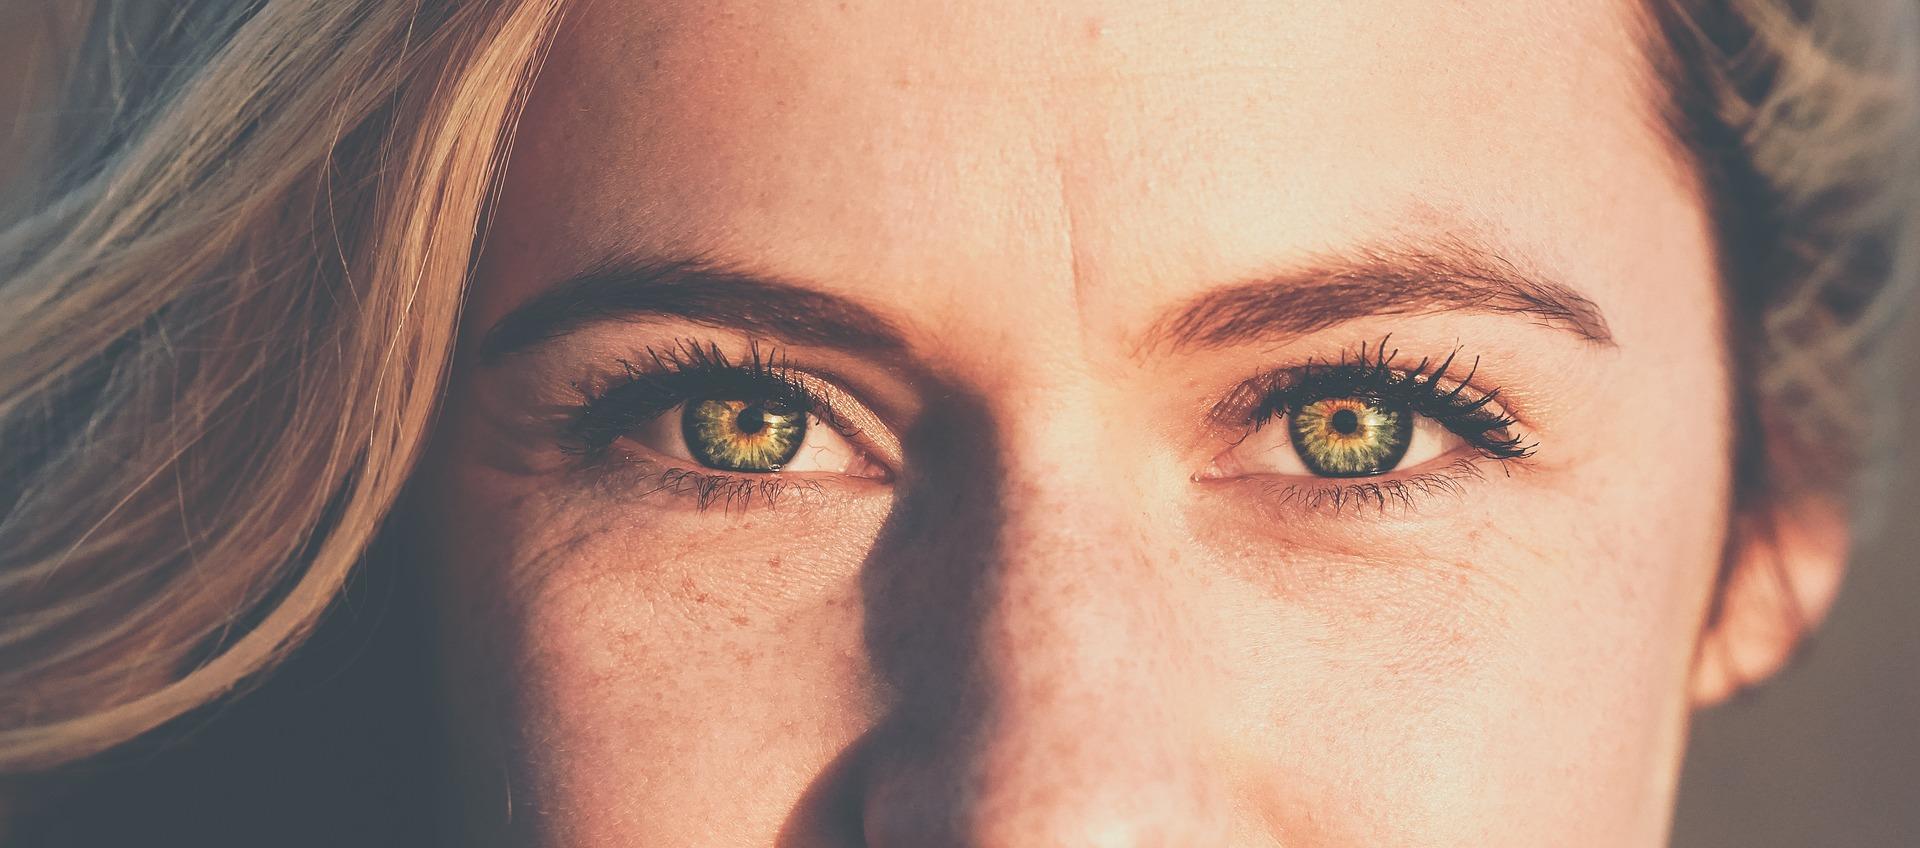 Yoga des yeux, détente, yeux, holissence